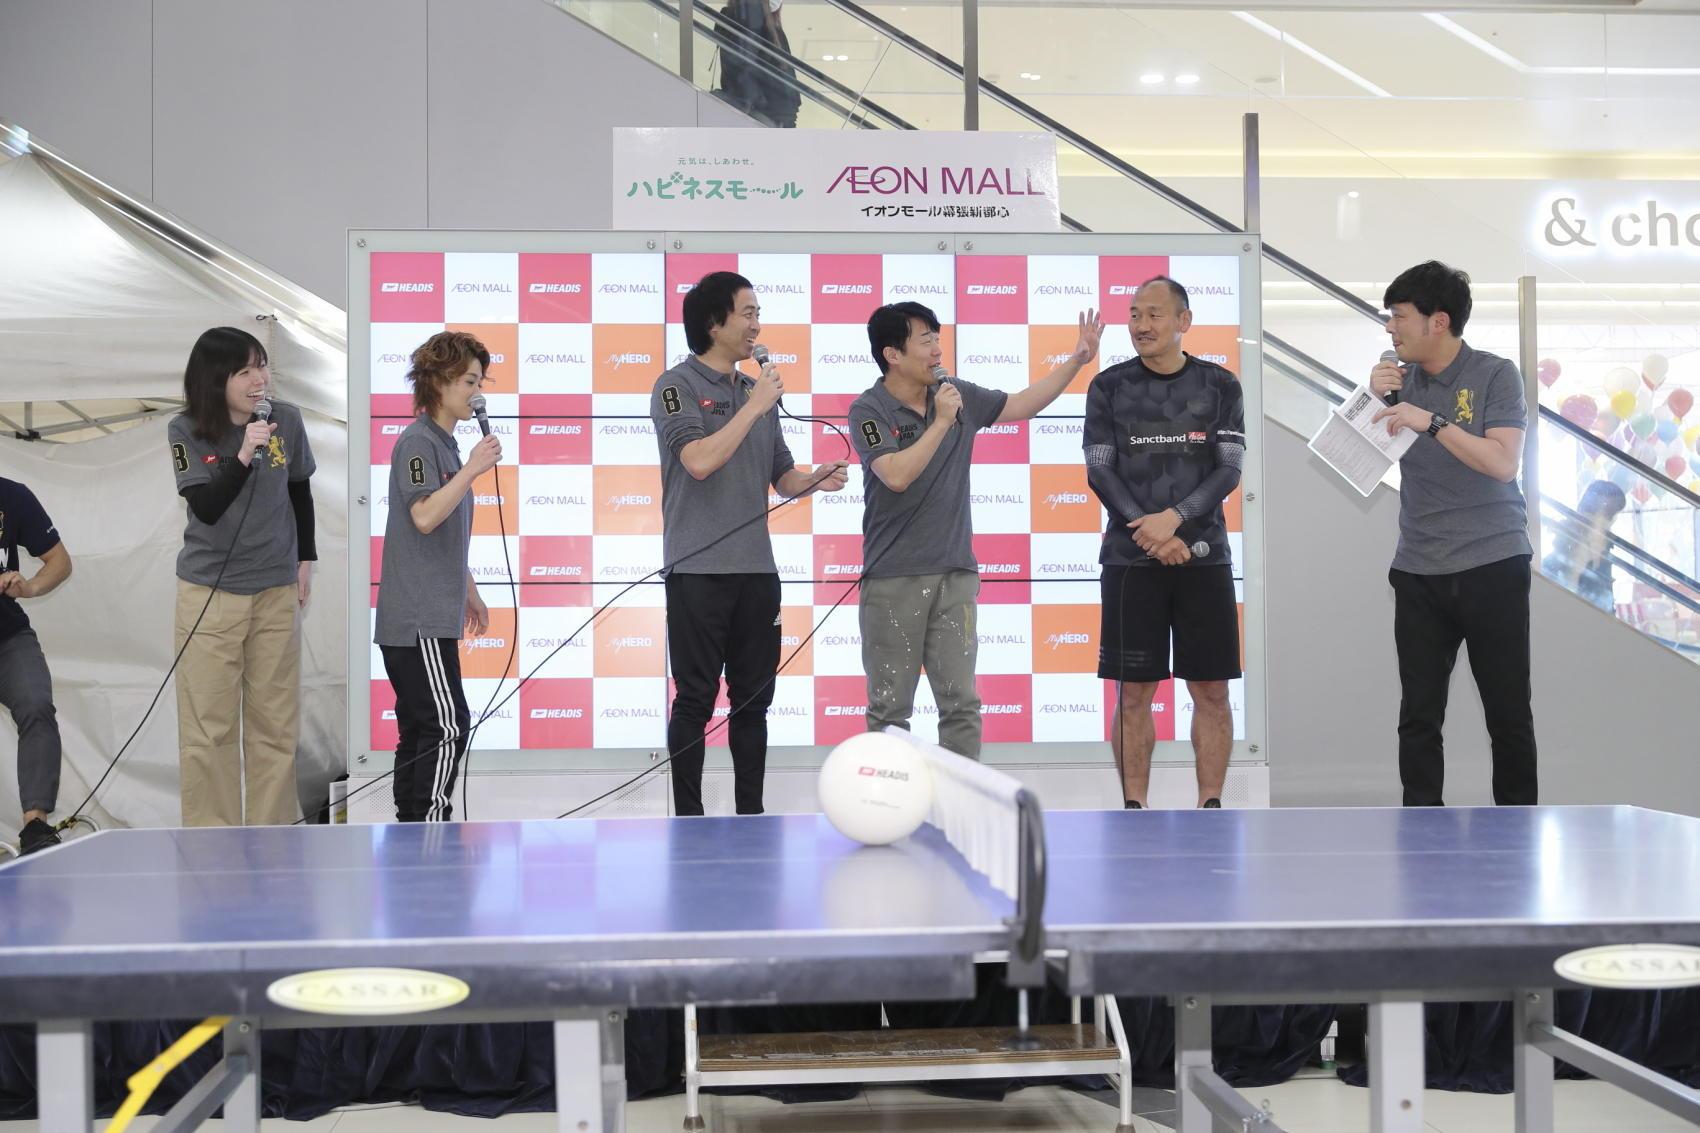 http://news.yoshimoto.co.jp/20180220173944-74f8e72e59014303da334675c95d60e476b3be8b.jpg